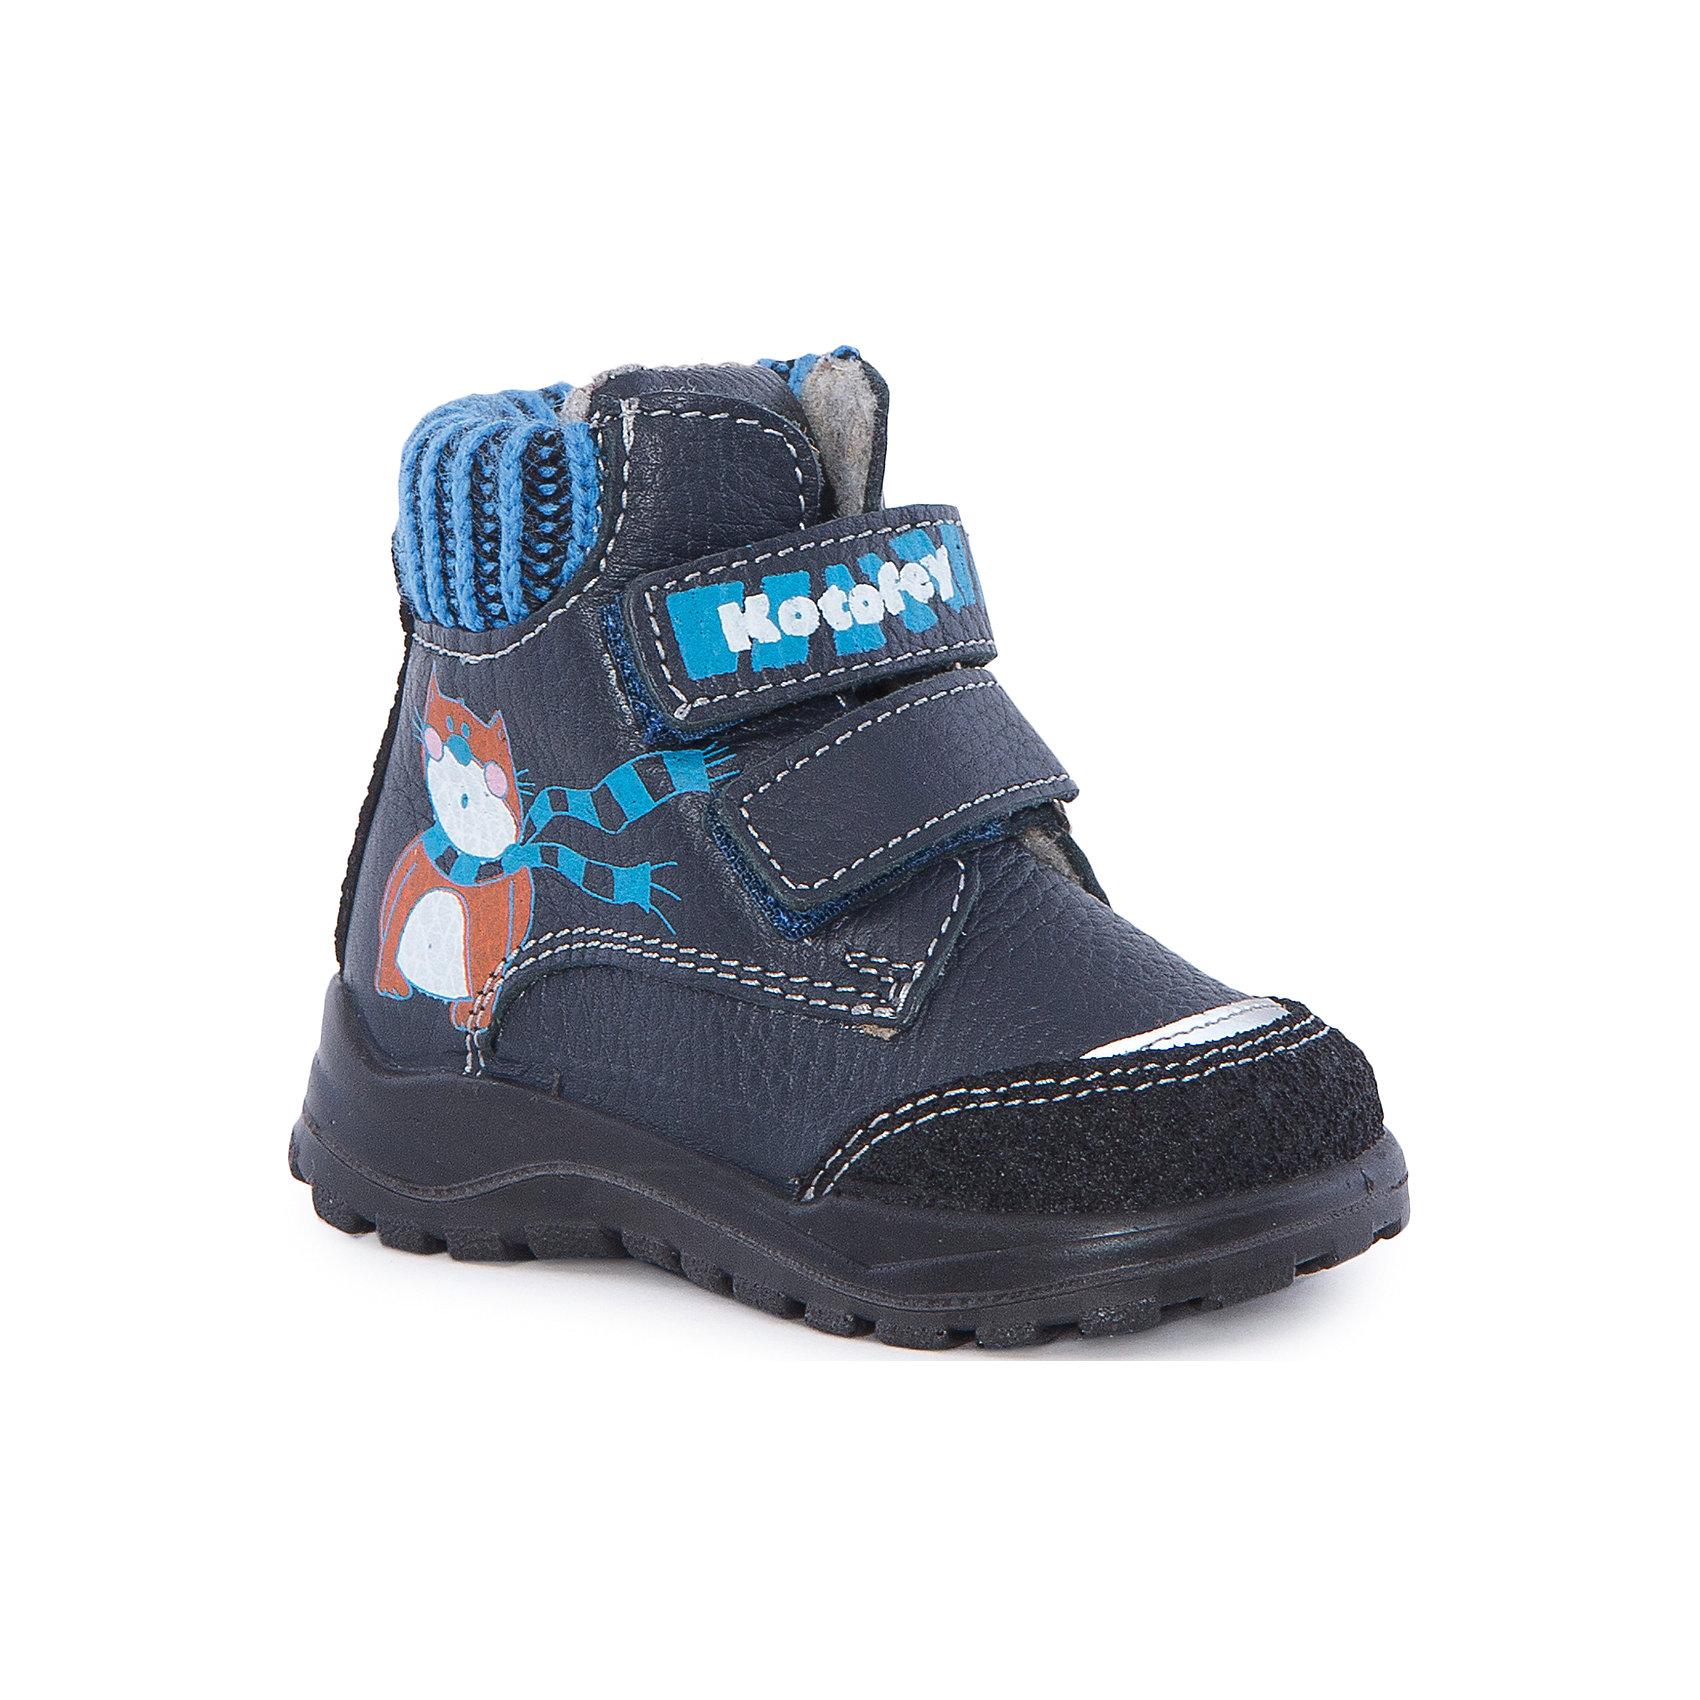 Ботинки для мальчика КотофейОбувь для малышей<br>Ботинки для мальчика Котофей.<br><br>Характеристики:<br><br>- Внешний материал: натуральная кожа<br>- Внутренний материал: байка<br>- Стелька: войлок<br>- Подошва: полиуретан<br>- Тип застежки: липучки<br>- Вид крепления обуви: литьевой<br>- Температурный режим до -10С<br>- Цвет: синий<br>- Сезон: весна, осень<br>- Пол: для мальчиков<br><br>Ботинки для мальчика торговой марки Котофей - отличный выбор для межсезонья. Верх модели выполнен полностью из дышащей натуральной гладкой кожи с гидрофобными свойствами. Подкладка – утеплённая, из полушерстяной байки. Дополнительную защиту от прохлады даёт войлочная стелька, которую можно вытащить для просушки, воспользовавшись специальной петлёй. Сверху модели имеется мягкий трикотажный манжет, обеспечивающий удобство при ходьбе и предотвращающий натирание ноги. Подошва литьевого метода крепления легкая и гибкая, имеет анатомическую форму следа, повторяя изгибы свода стопы. Благодаря этому ножки будут чувствовать себя комфортно весь день! Два ремня с липучкой позволяют не только быстро обувать и снимать обувь, но и обеспечивают плотное прилегание обуви к стопе. Дизайн соответствует и европейским, и отечественным тенденциям моды. Детская обувь «Котофей» качественна, красива, добротна, комфортна и долговечна. Она производится на Егорьевской обувной фабрике. Жесткий контроль производства и постоянное совершенствование технологий при многолетнем опыте позволяют считать компанию одним из лидеров среди отечественных производителей детской обуви.<br><br>Ботинки для мальчика Котофей можно купить в нашем интернет-магазине.<br><br>Ширина мм: 262<br>Глубина мм: 176<br>Высота мм: 97<br>Вес г: 427<br>Цвет: синий<br>Возраст от месяцев: 21<br>Возраст до месяцев: 24<br>Пол: Мужской<br>Возраст: Детский<br>Размер: 24,20,21,22,23<br>SKU: 5023929